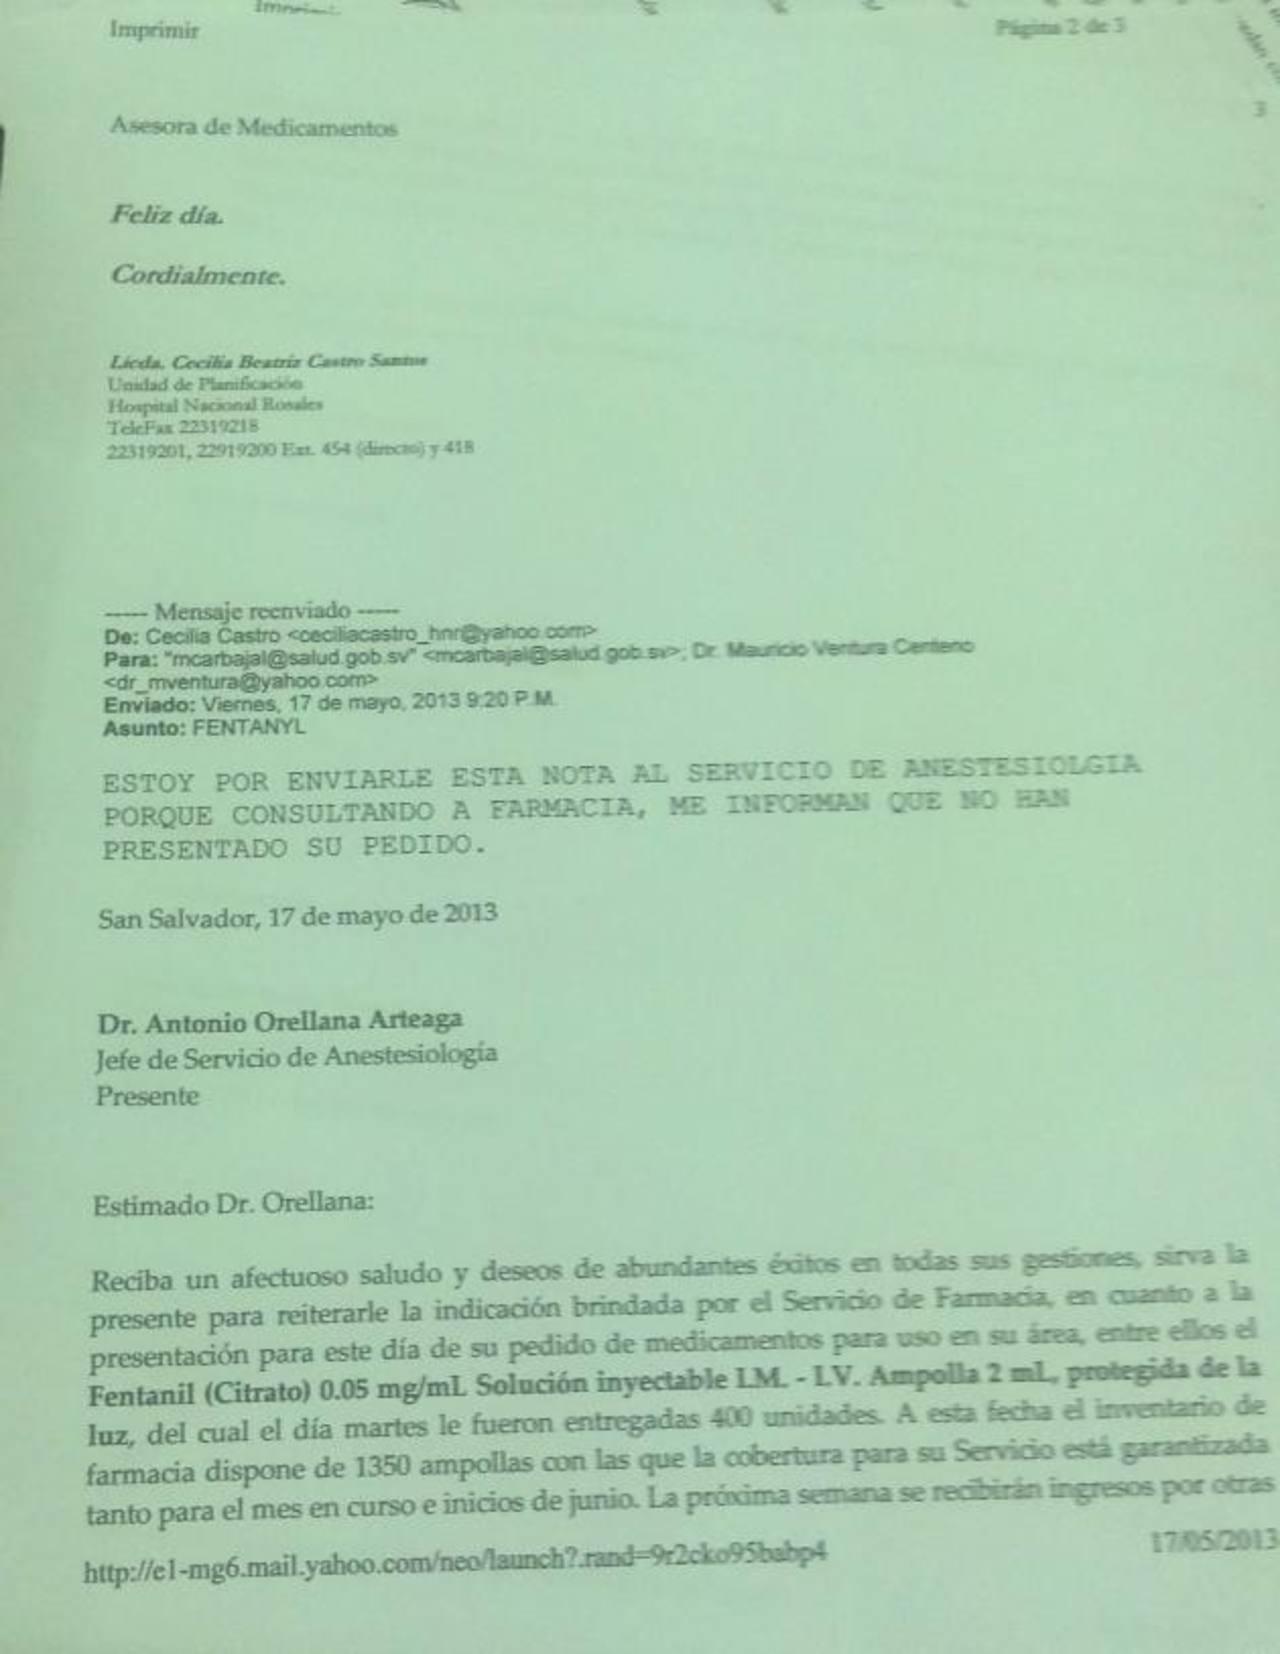 Correo electrónico enviado por la Asesora de Medicamentos al Jefe de Anestesiología y al director del hospital Rosales.